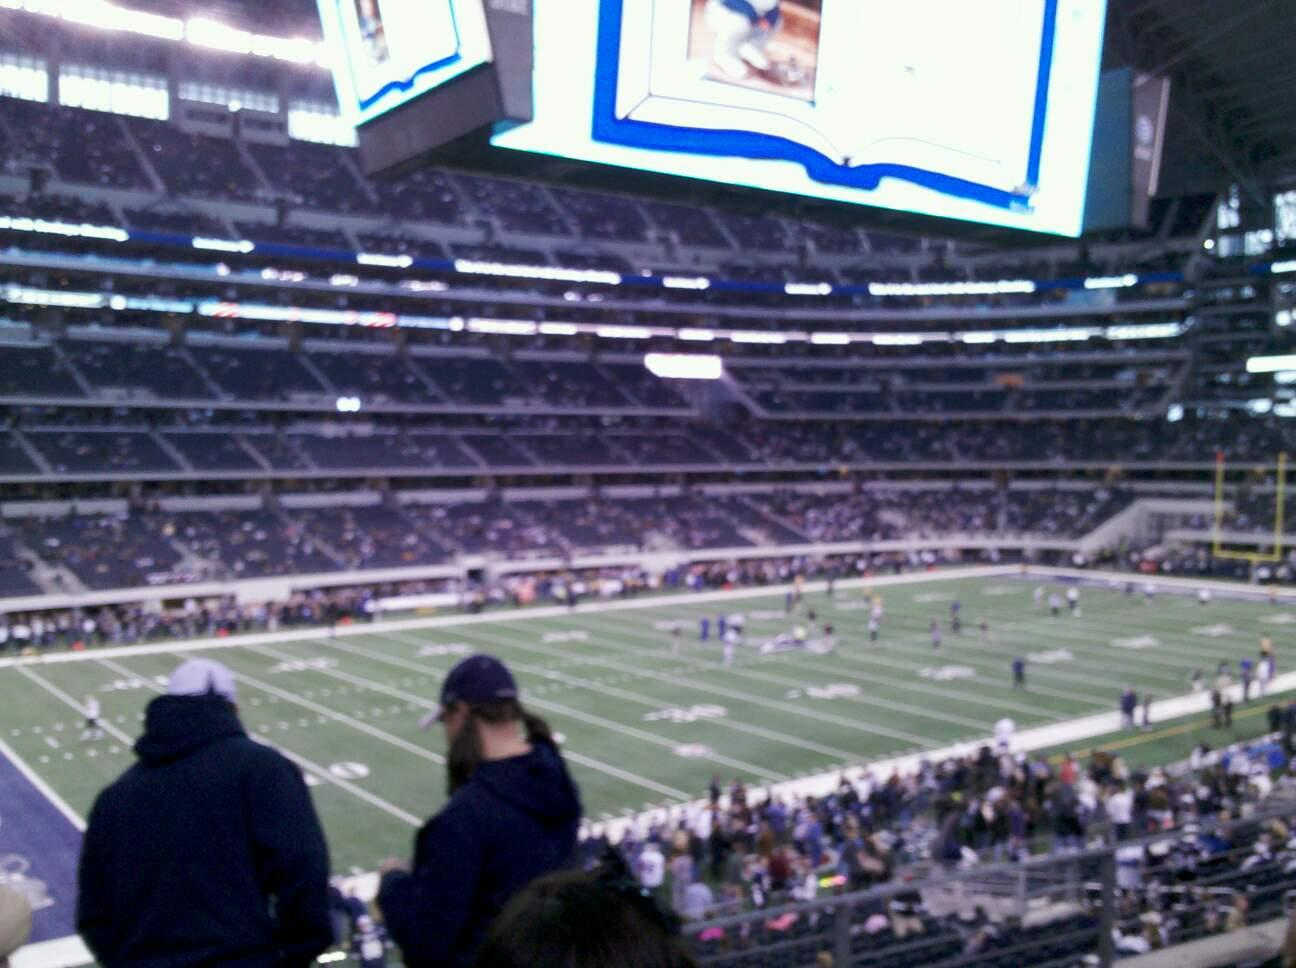 AT&T Stadium Vak C238 Rij 13 Stoel 1